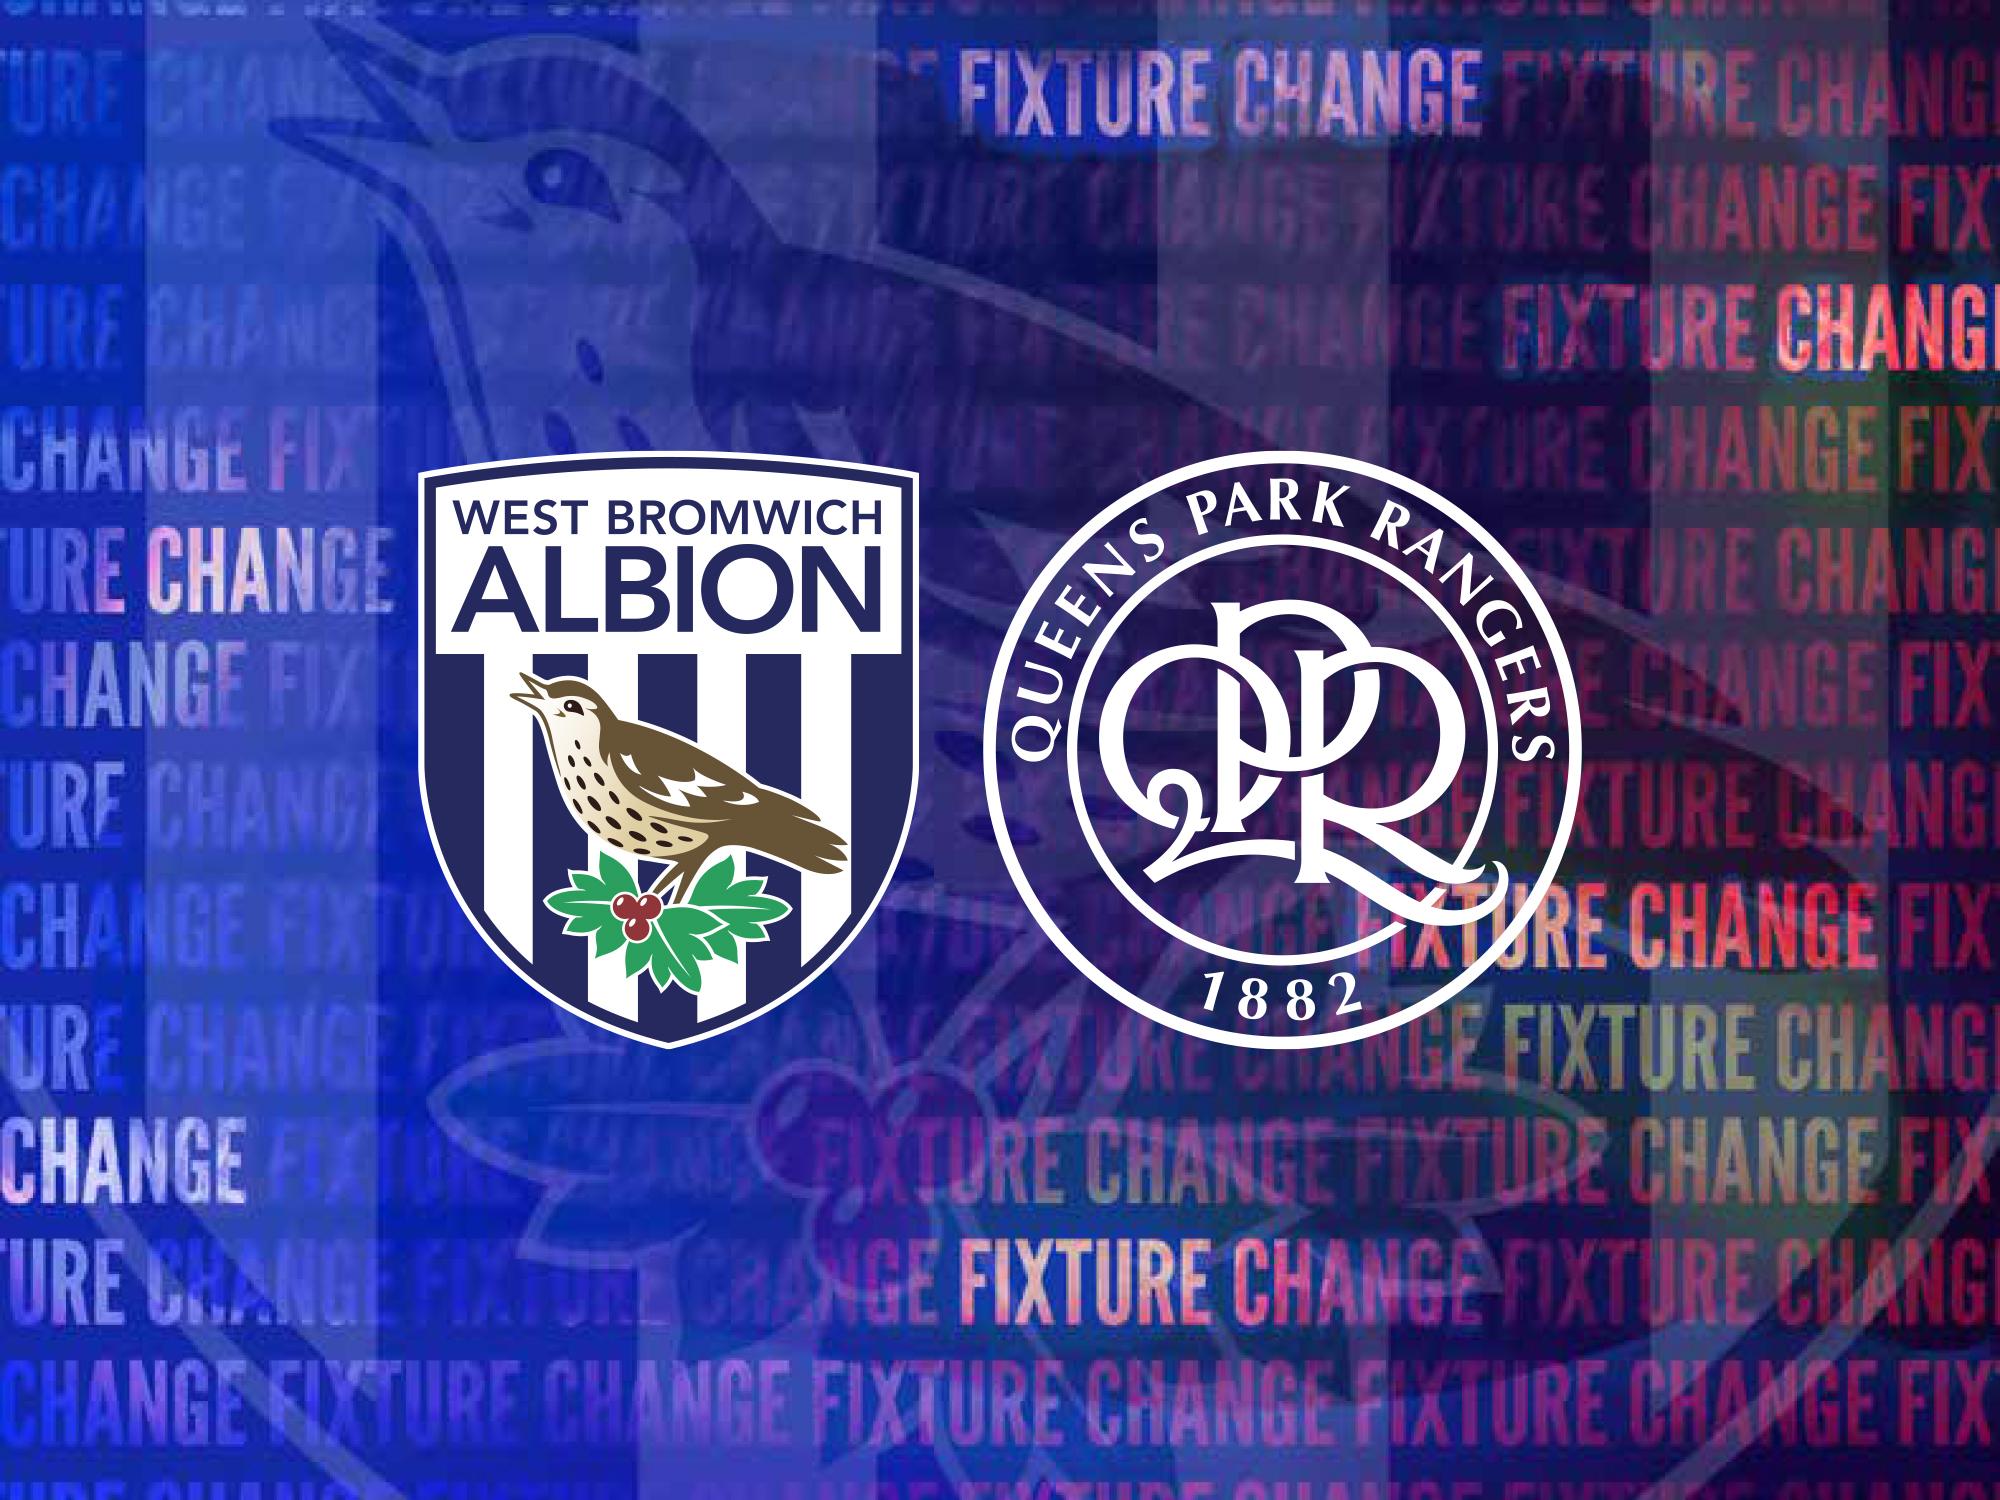 QPR TV coverage